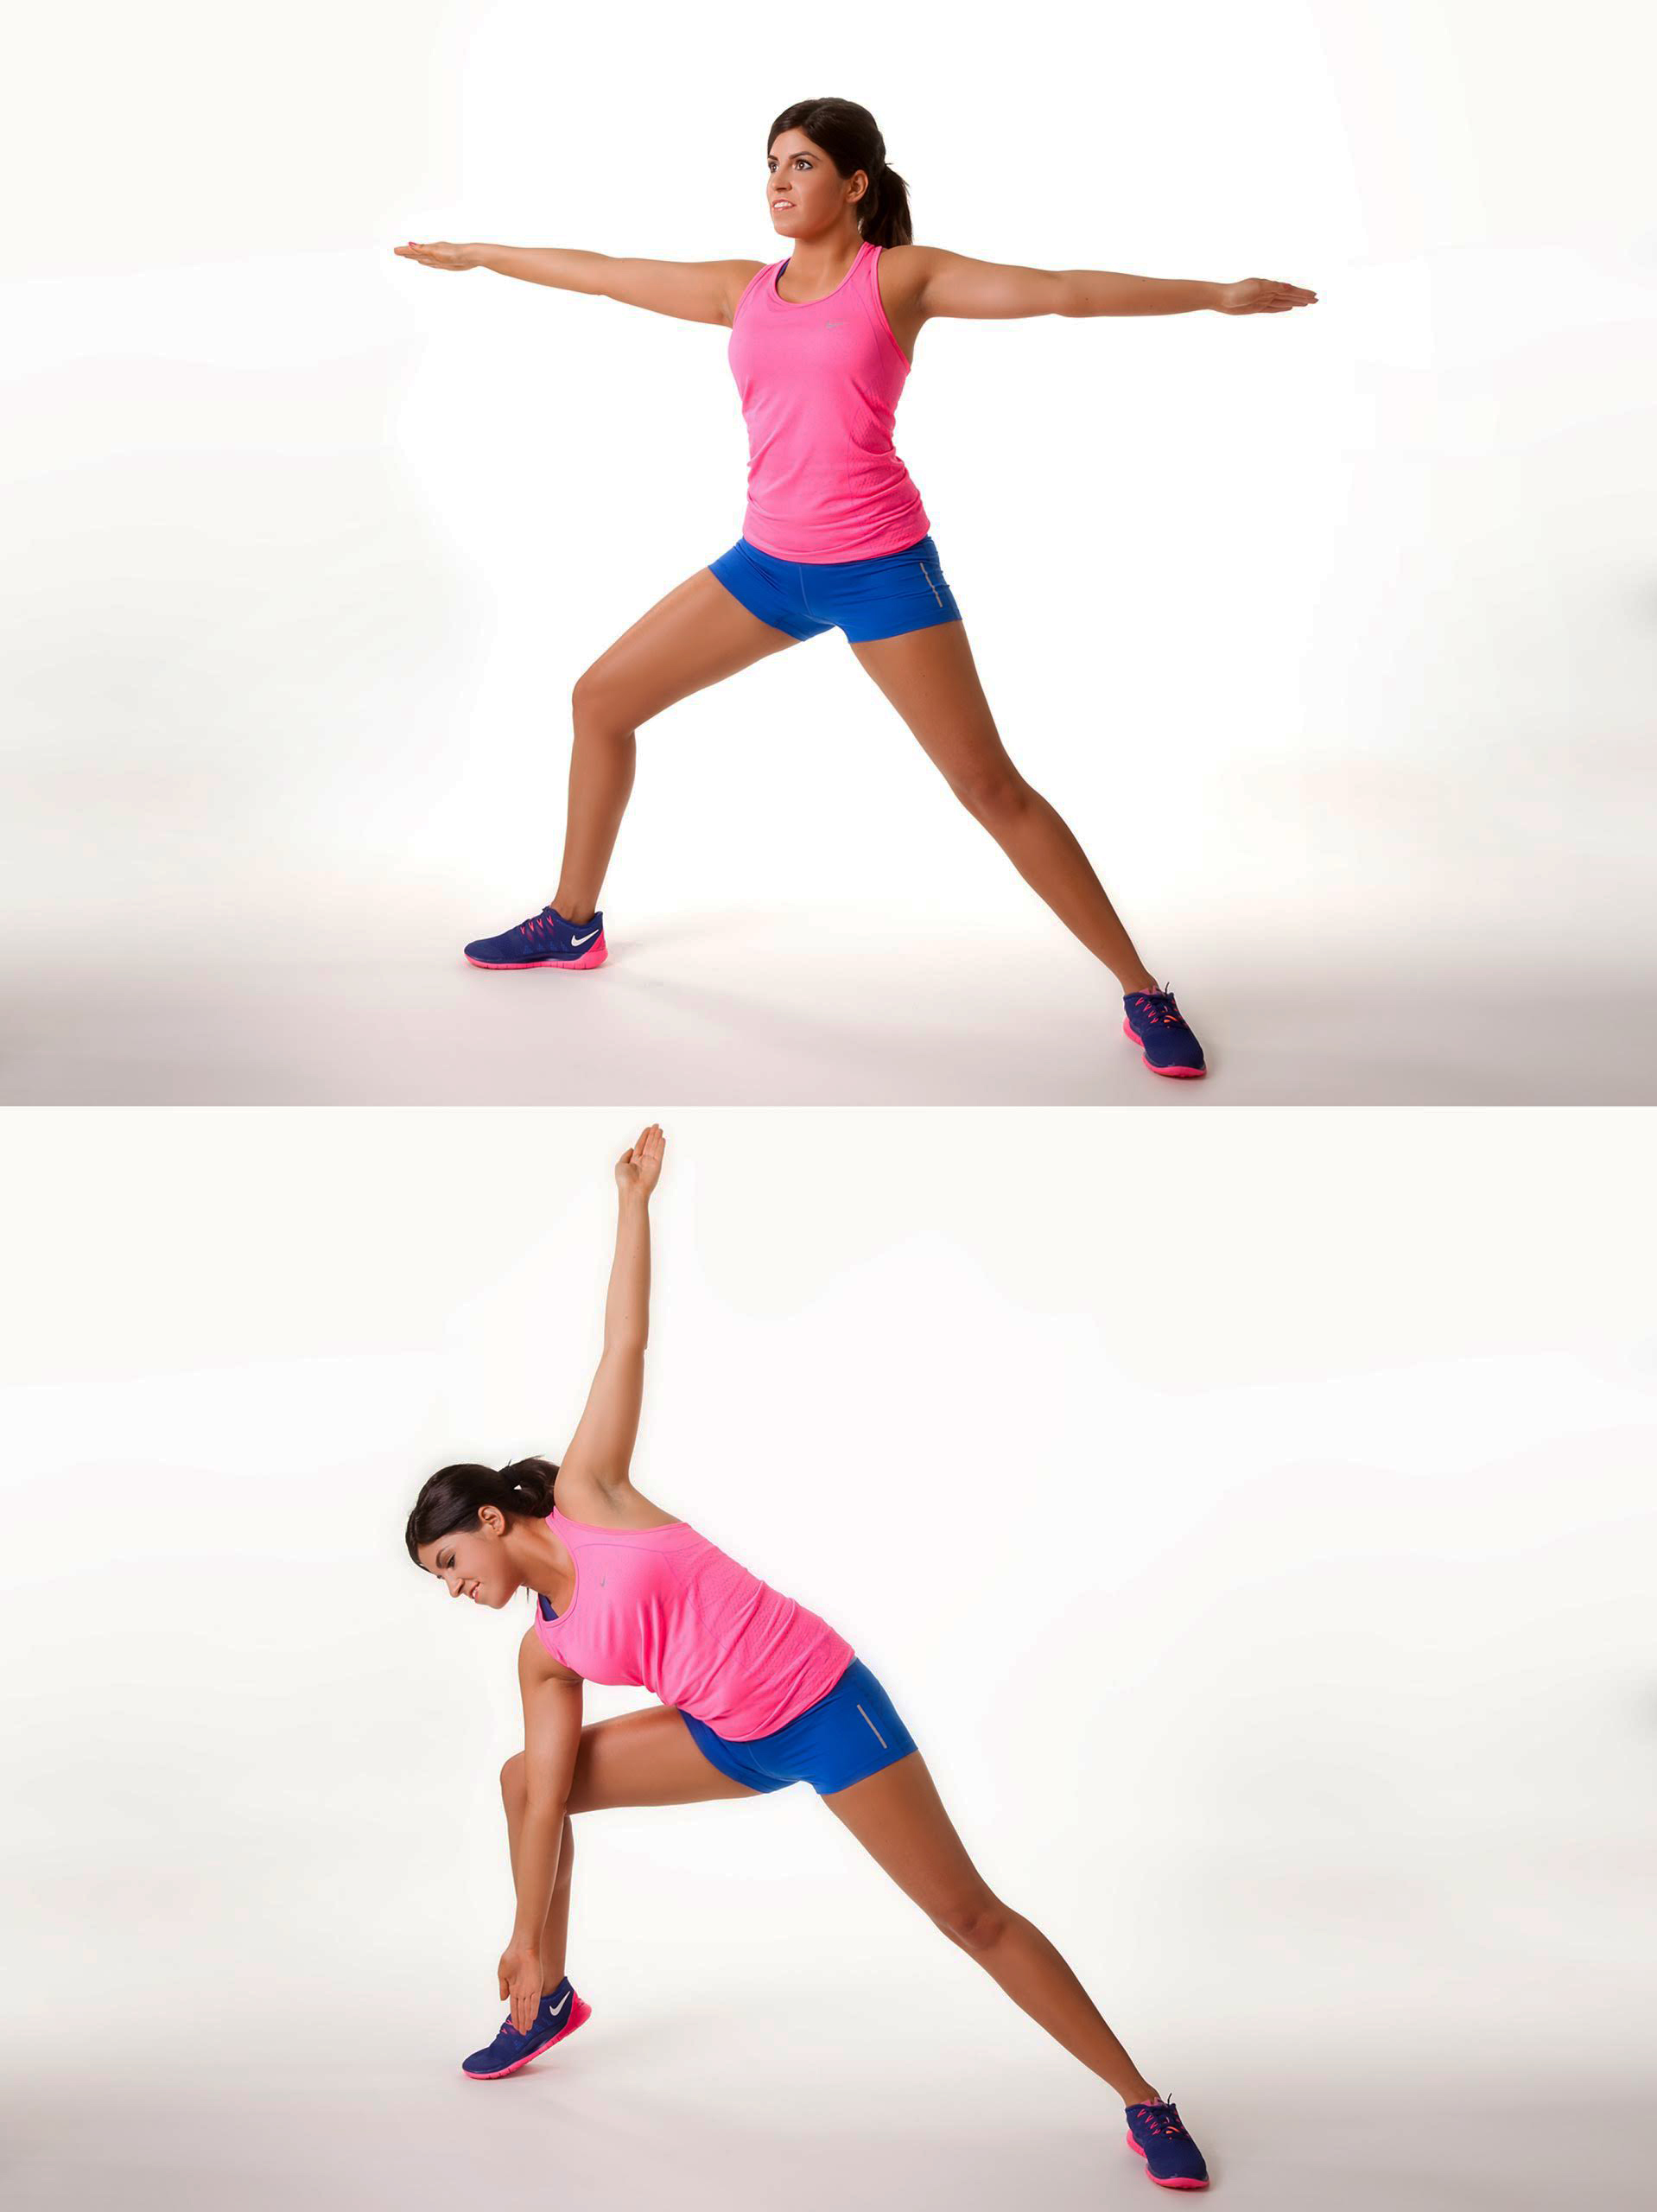 Edzés otthon: 7 egyszerű gyakorlat az izmos lábért